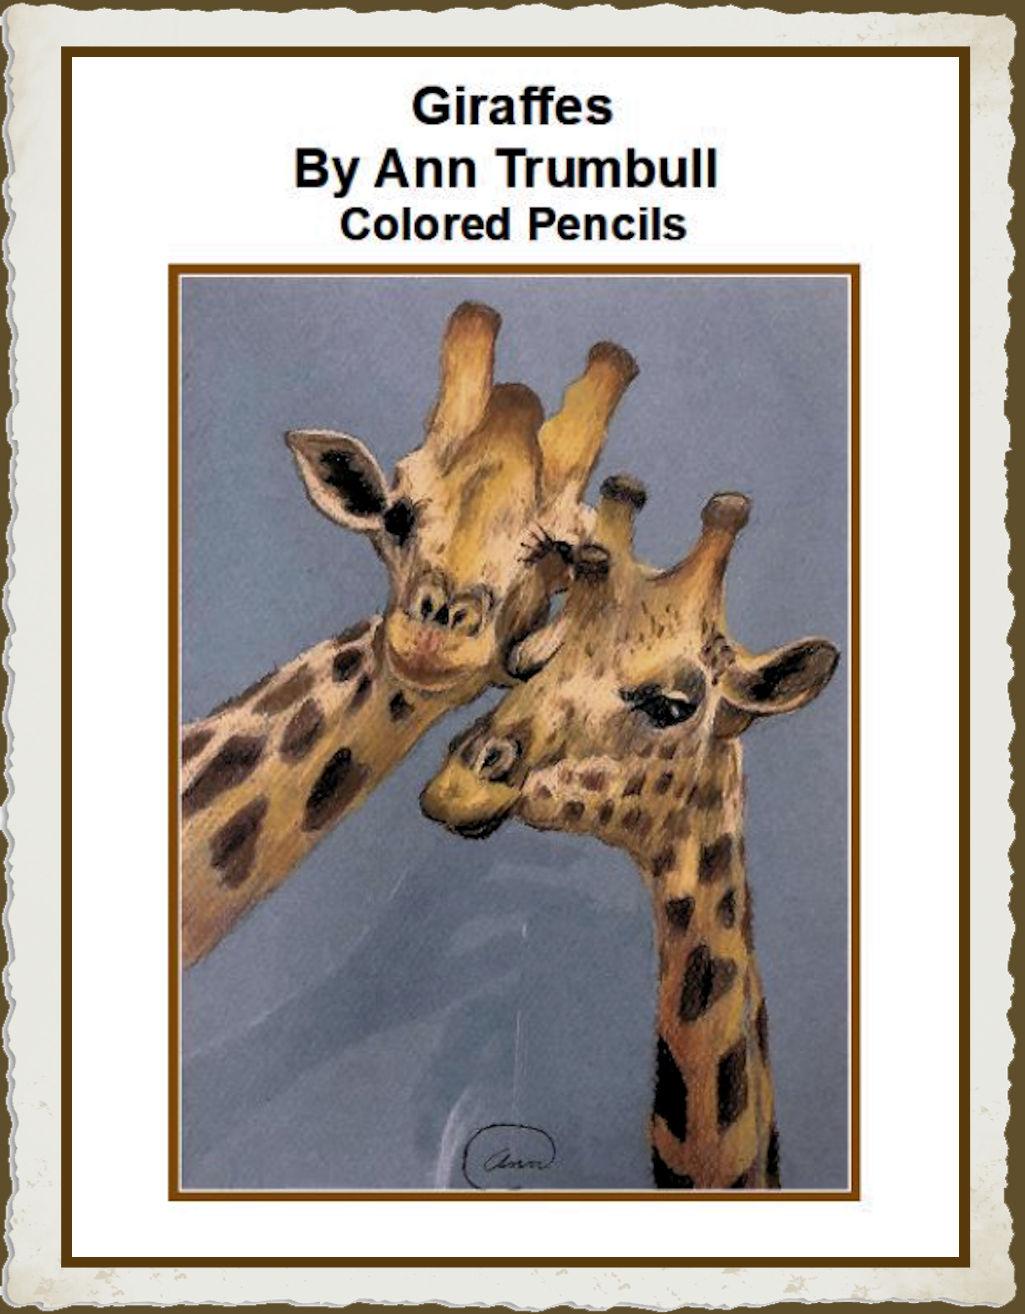 ann-trumbull-giraffes-20181228-framed.jpg